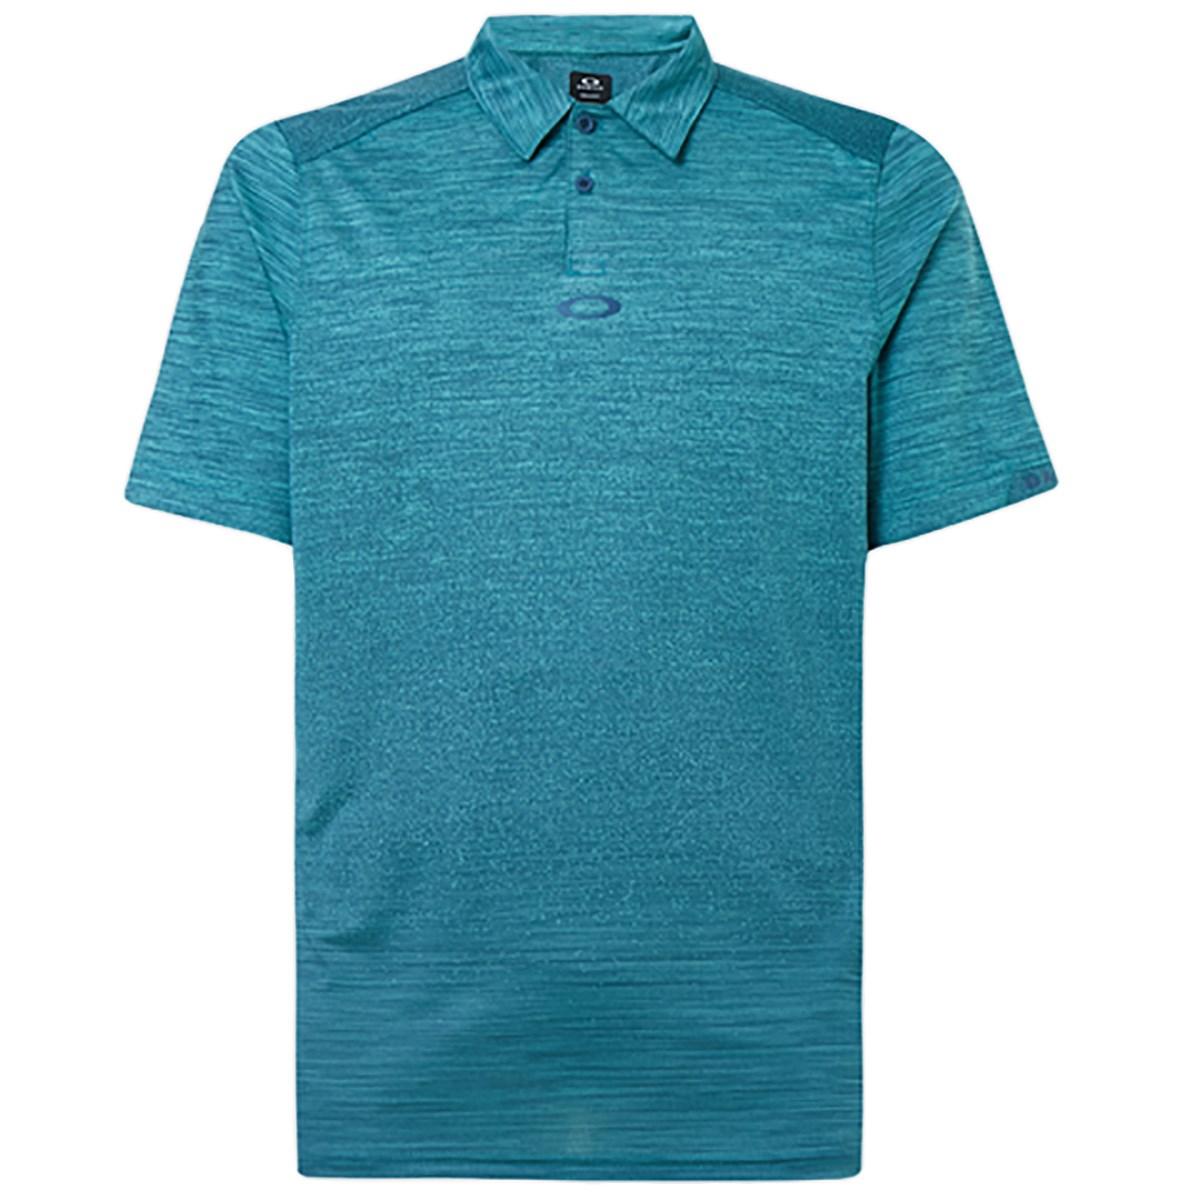 オークリー(OAKLEY) GRADIENT GRAVITY 半袖ポロシャツ 2.0